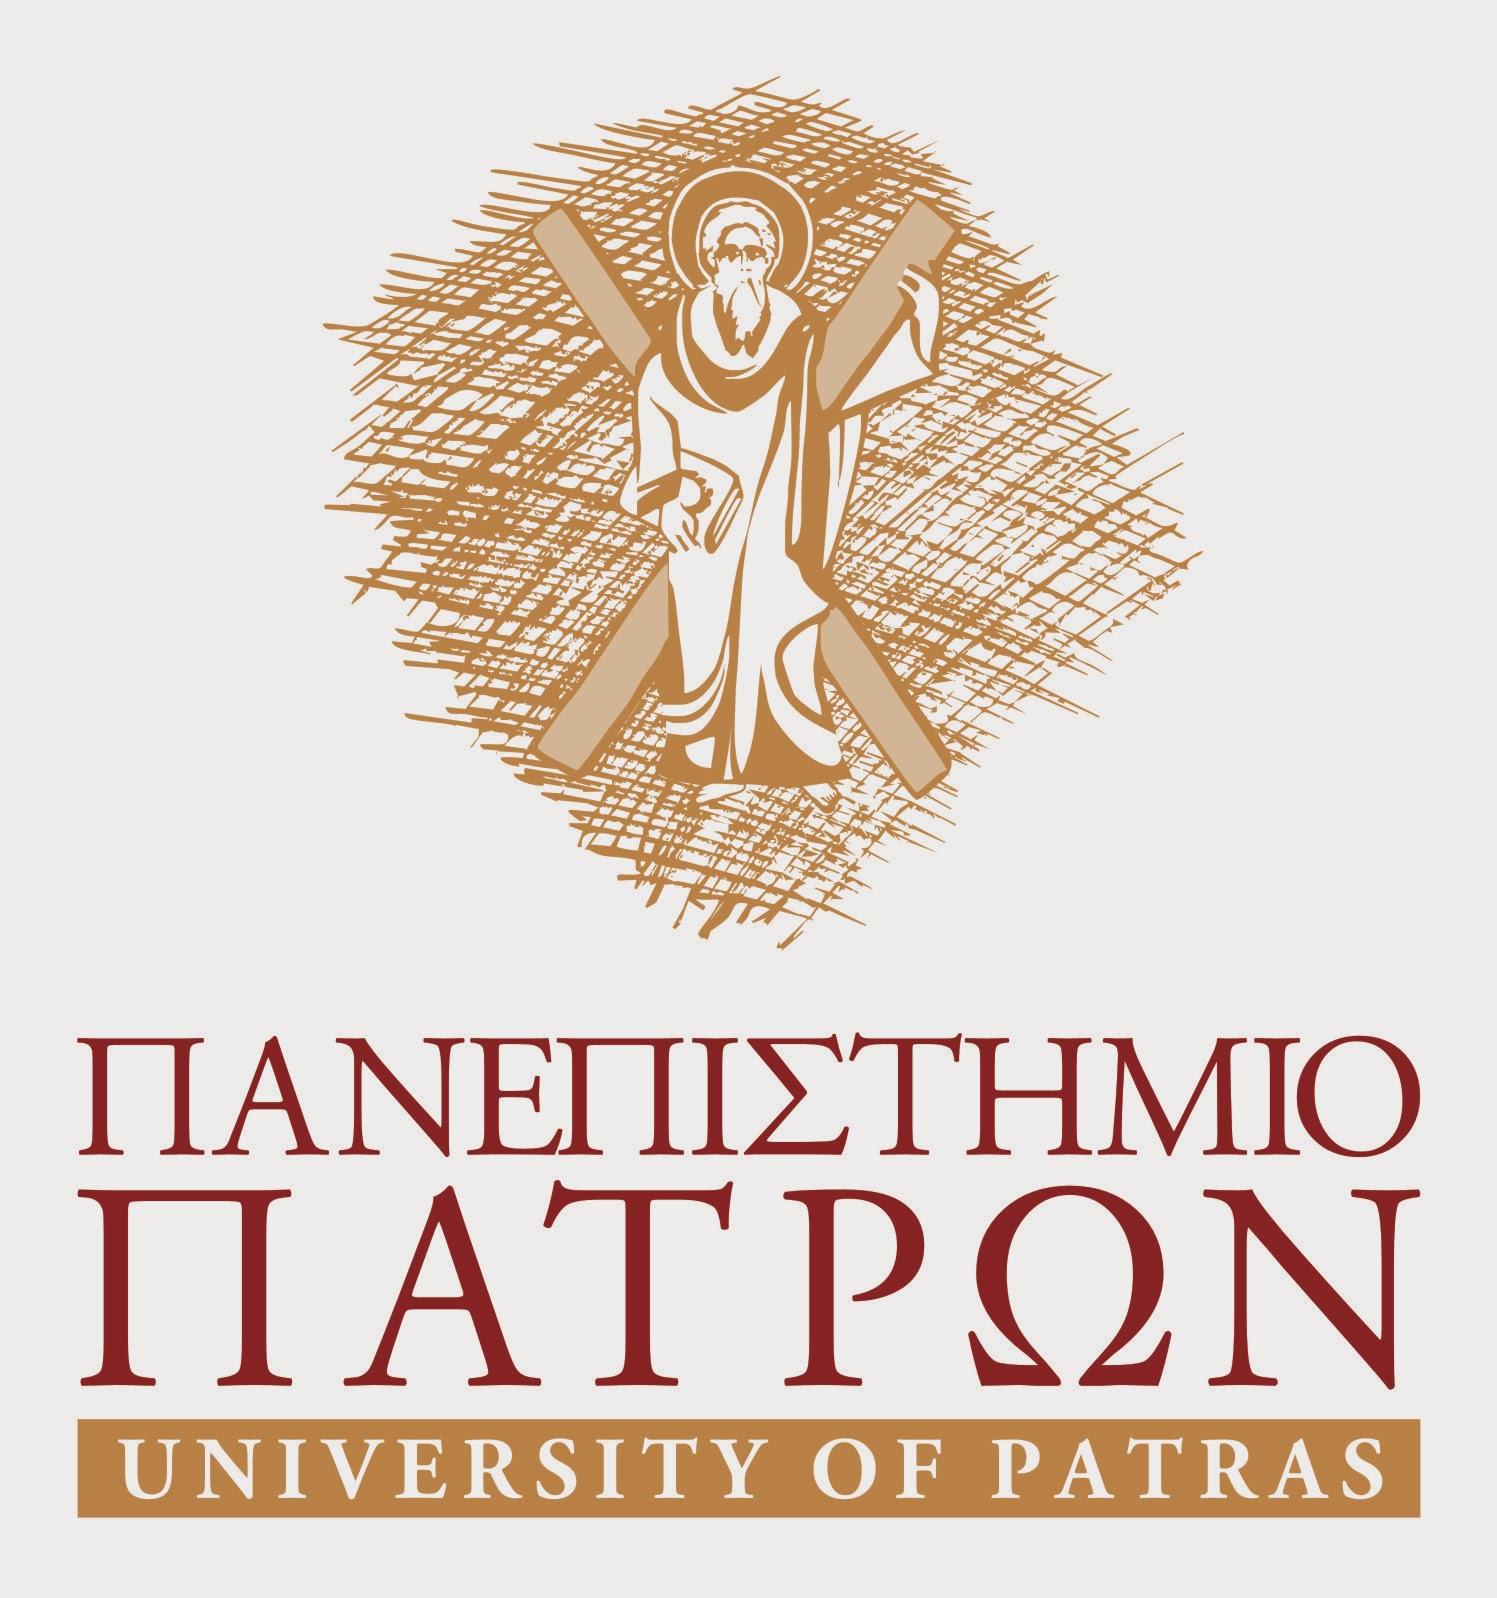 Την Τετάρτη η εκλογή των Κοσμητόρων στο Πανεπιστήμιο Πατρών – Ποίοι είναι υποψήφιοι